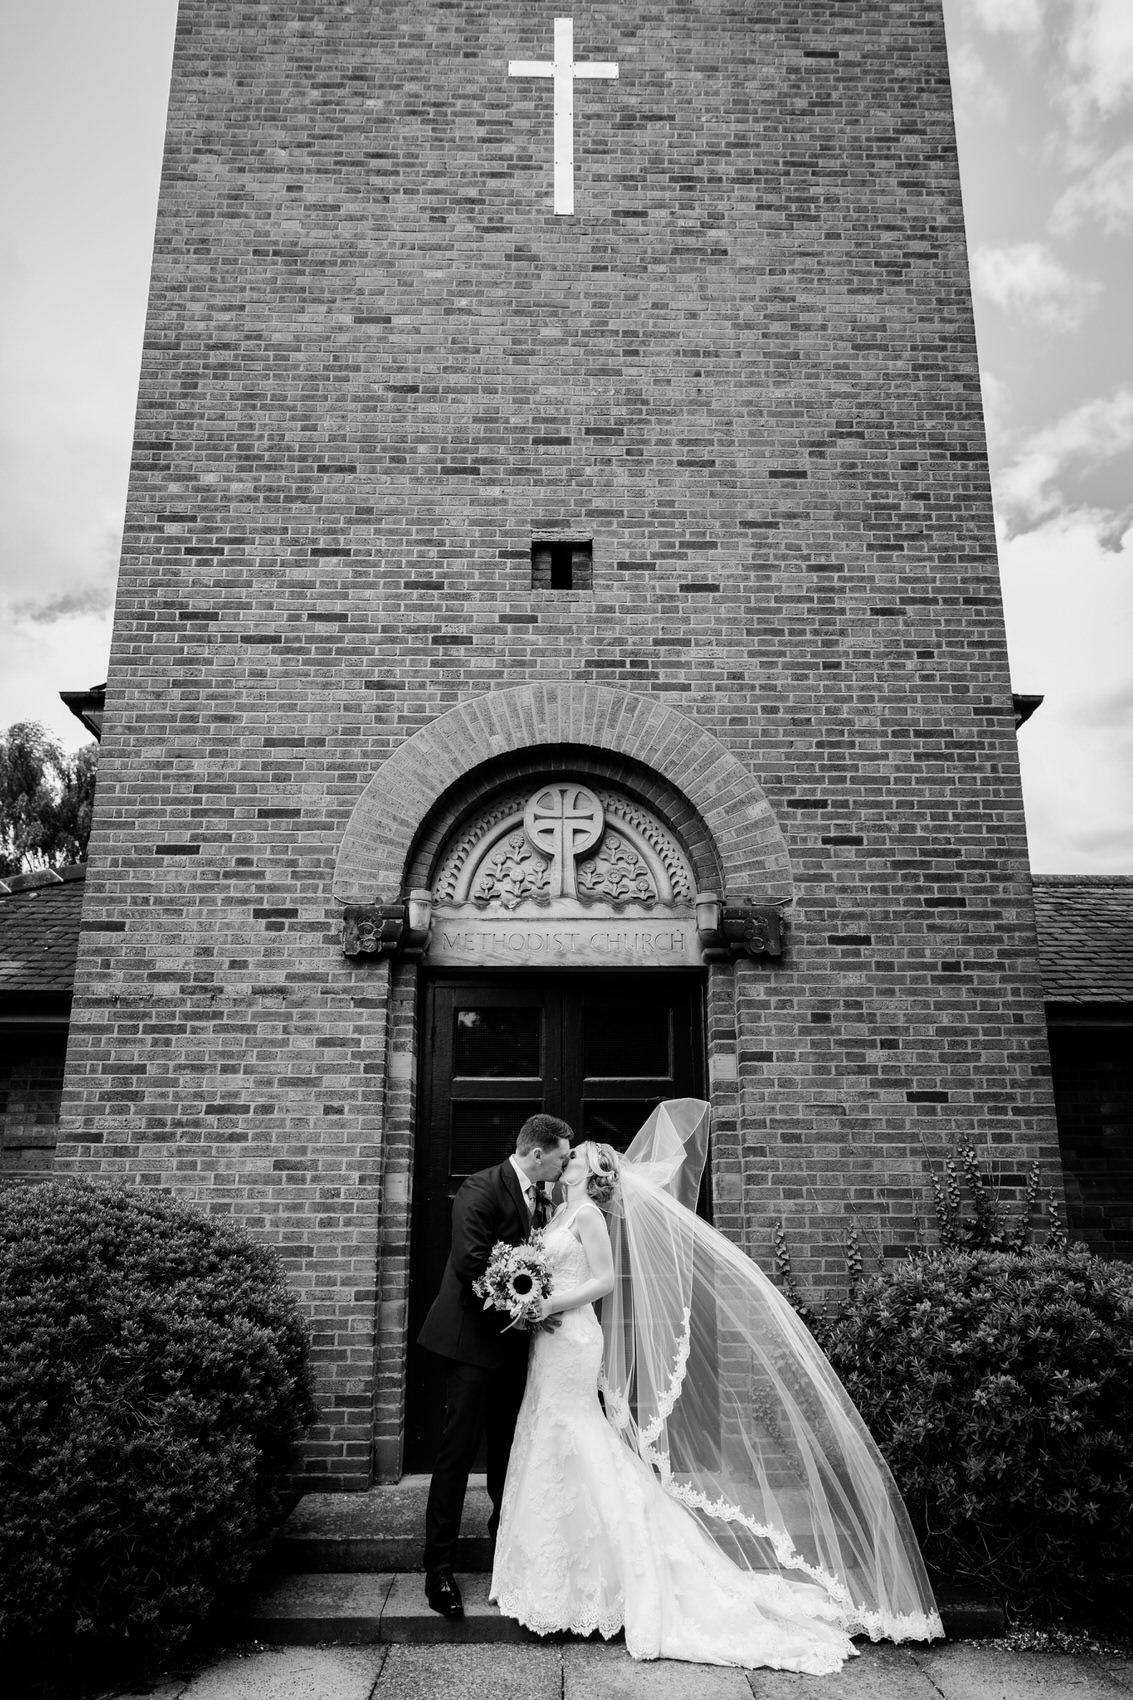 bride and groom kiss outside church sutton coldfeild